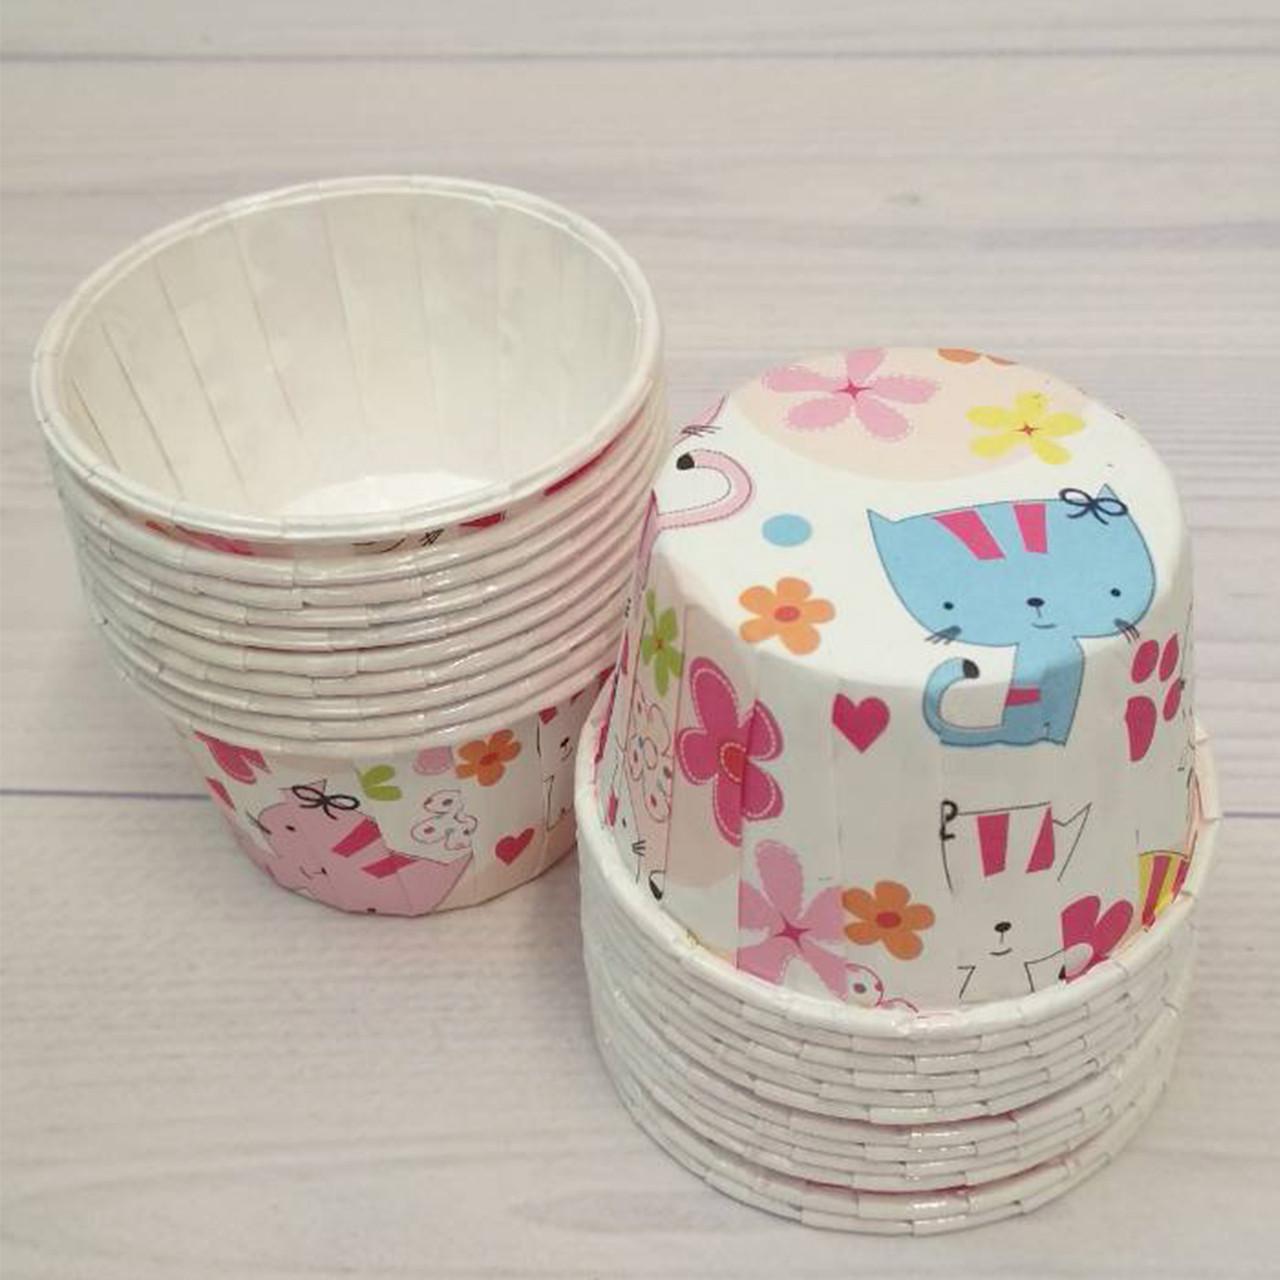 Формы бумажные для кексов усиленные с бортиком детский принт, 50*35 мм